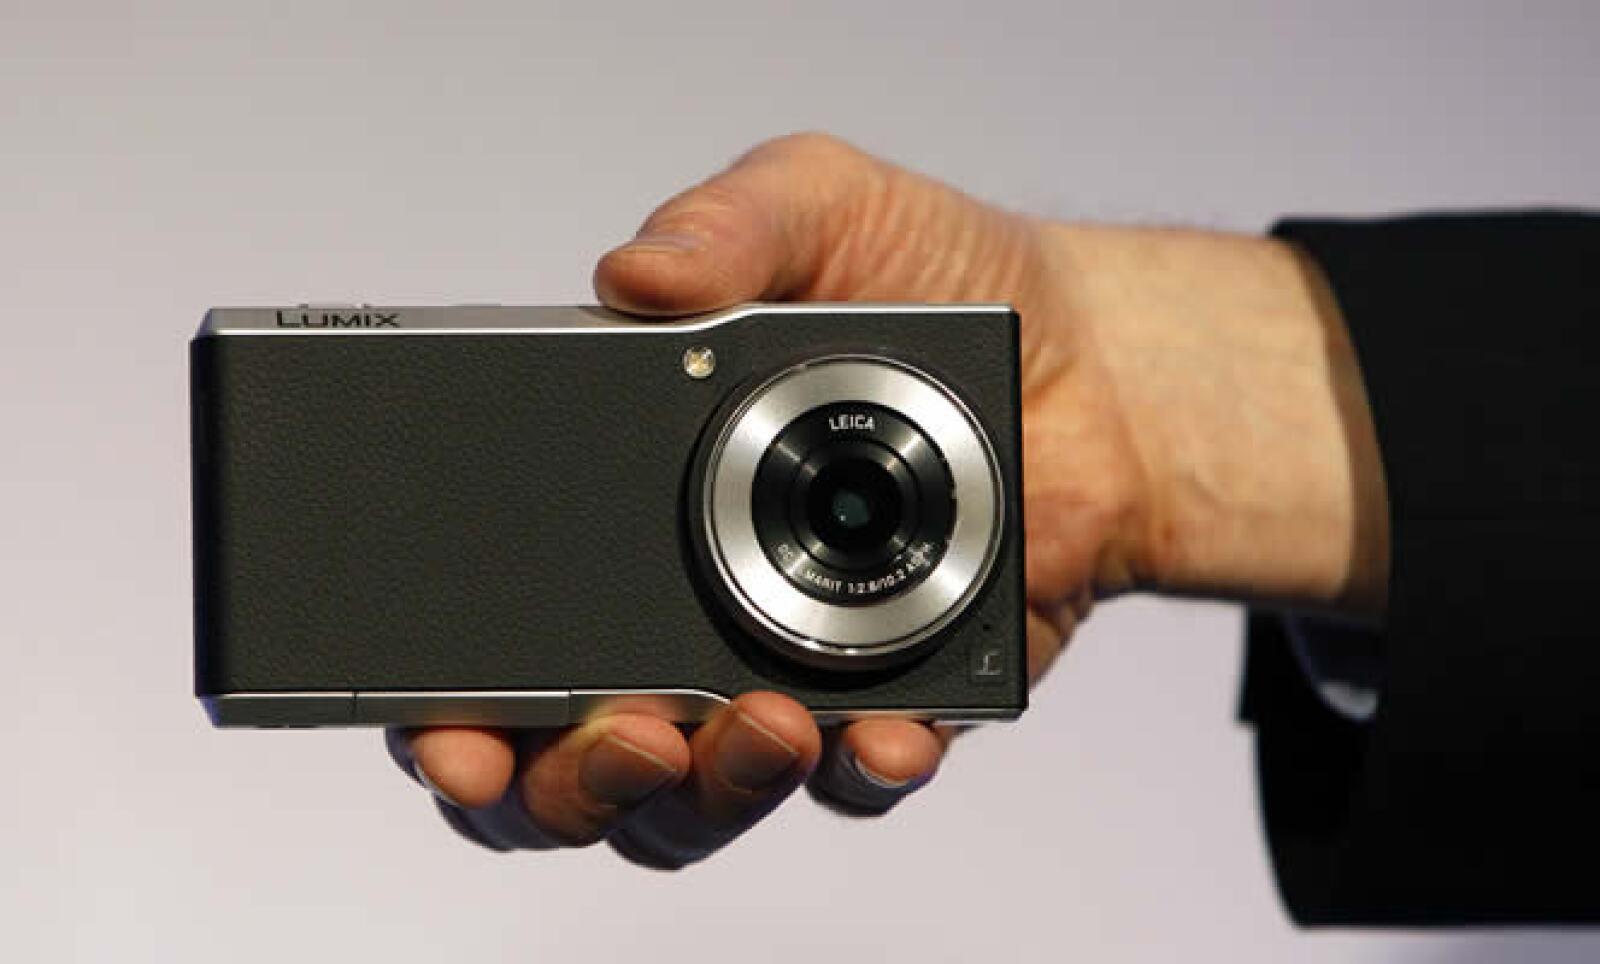 La Lumix CM1 de Panasonic es cámara y es celular para quien gusta de tomar fotos sin desprenderse de tu teléfono.